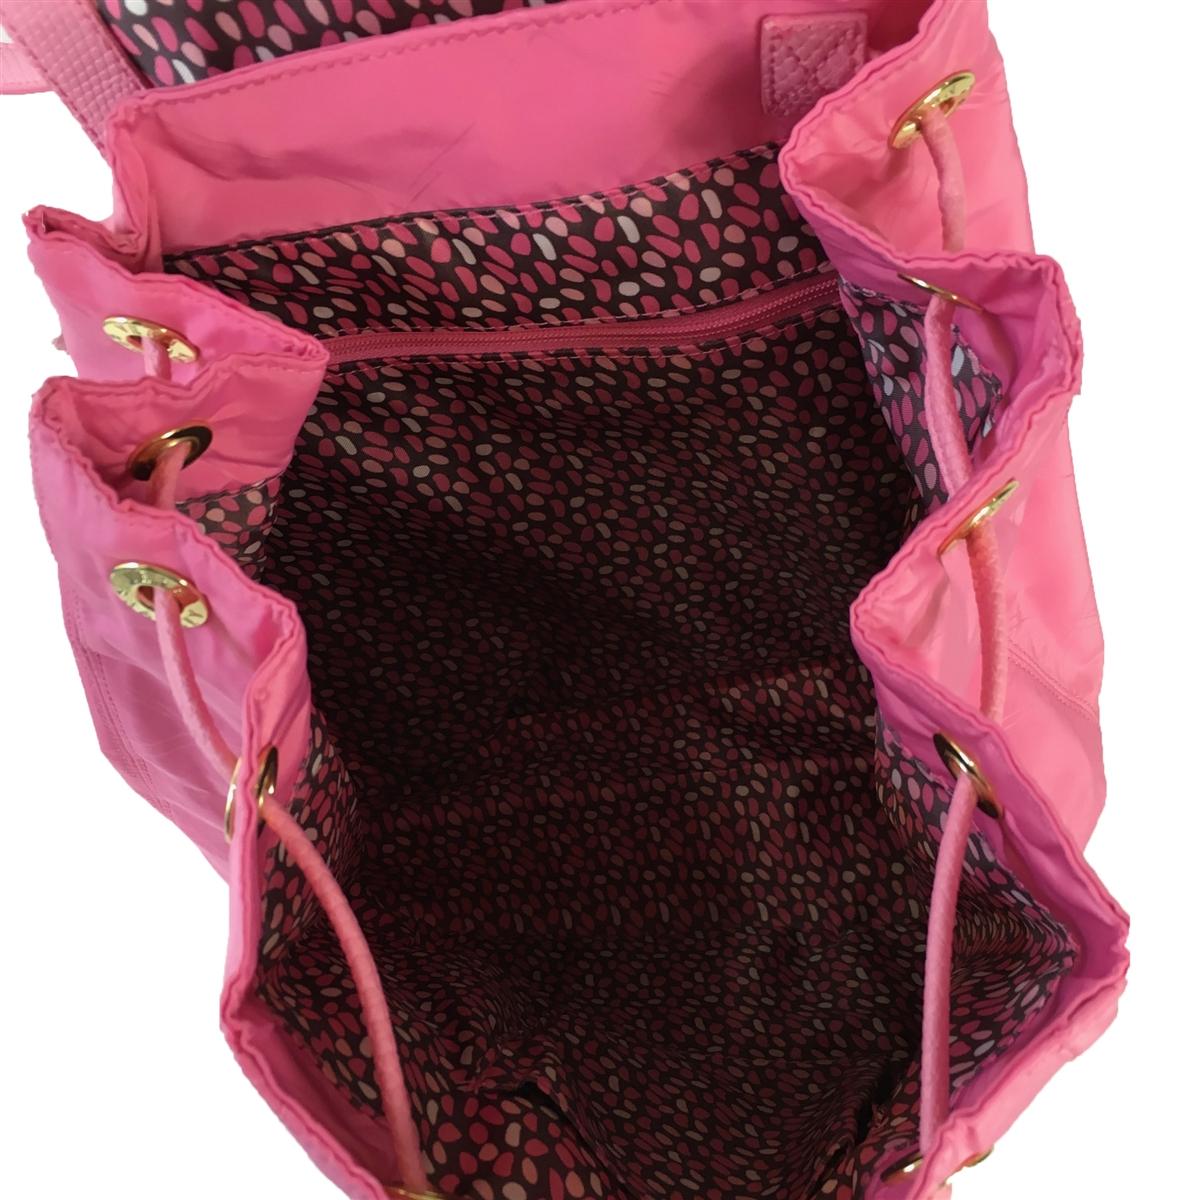 b0fccb4f0a Vera Bradley Preppy Poly Backpack Bag